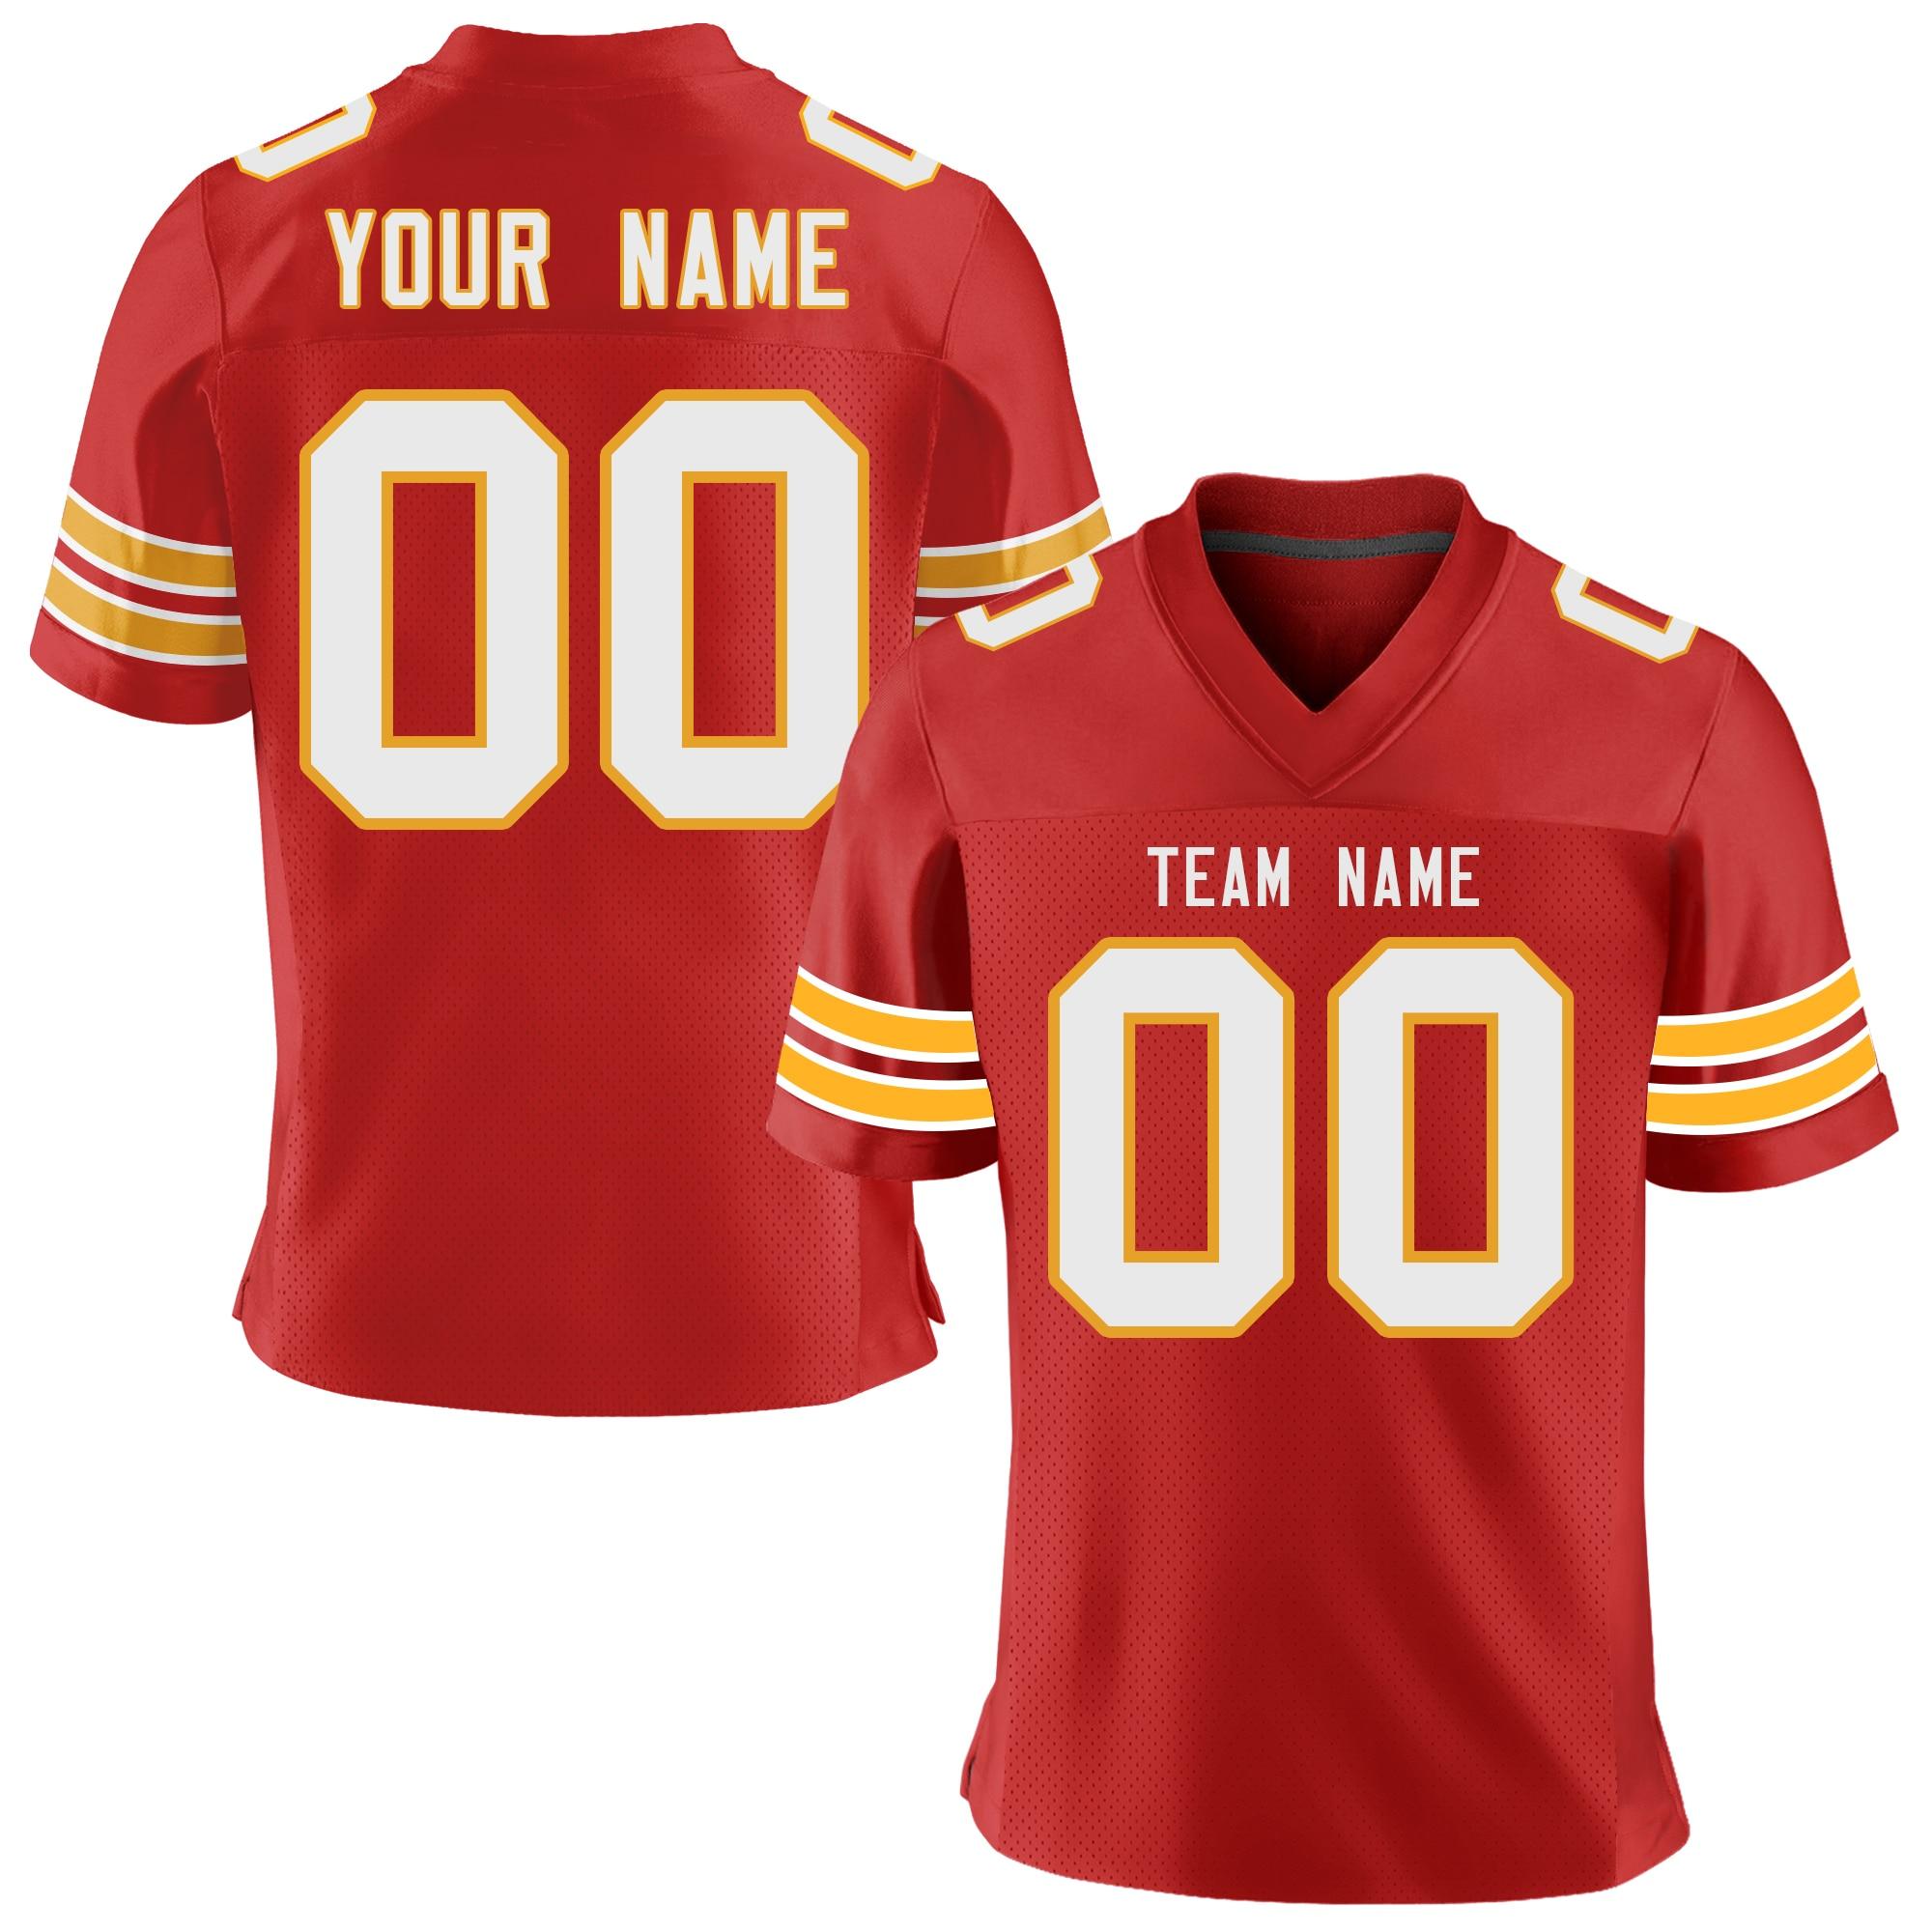 Футболки с коротким рукавом для мужчин, спортивные футболки с коротким рукавом, полностью сублимируют вашу команду, Имя и номер